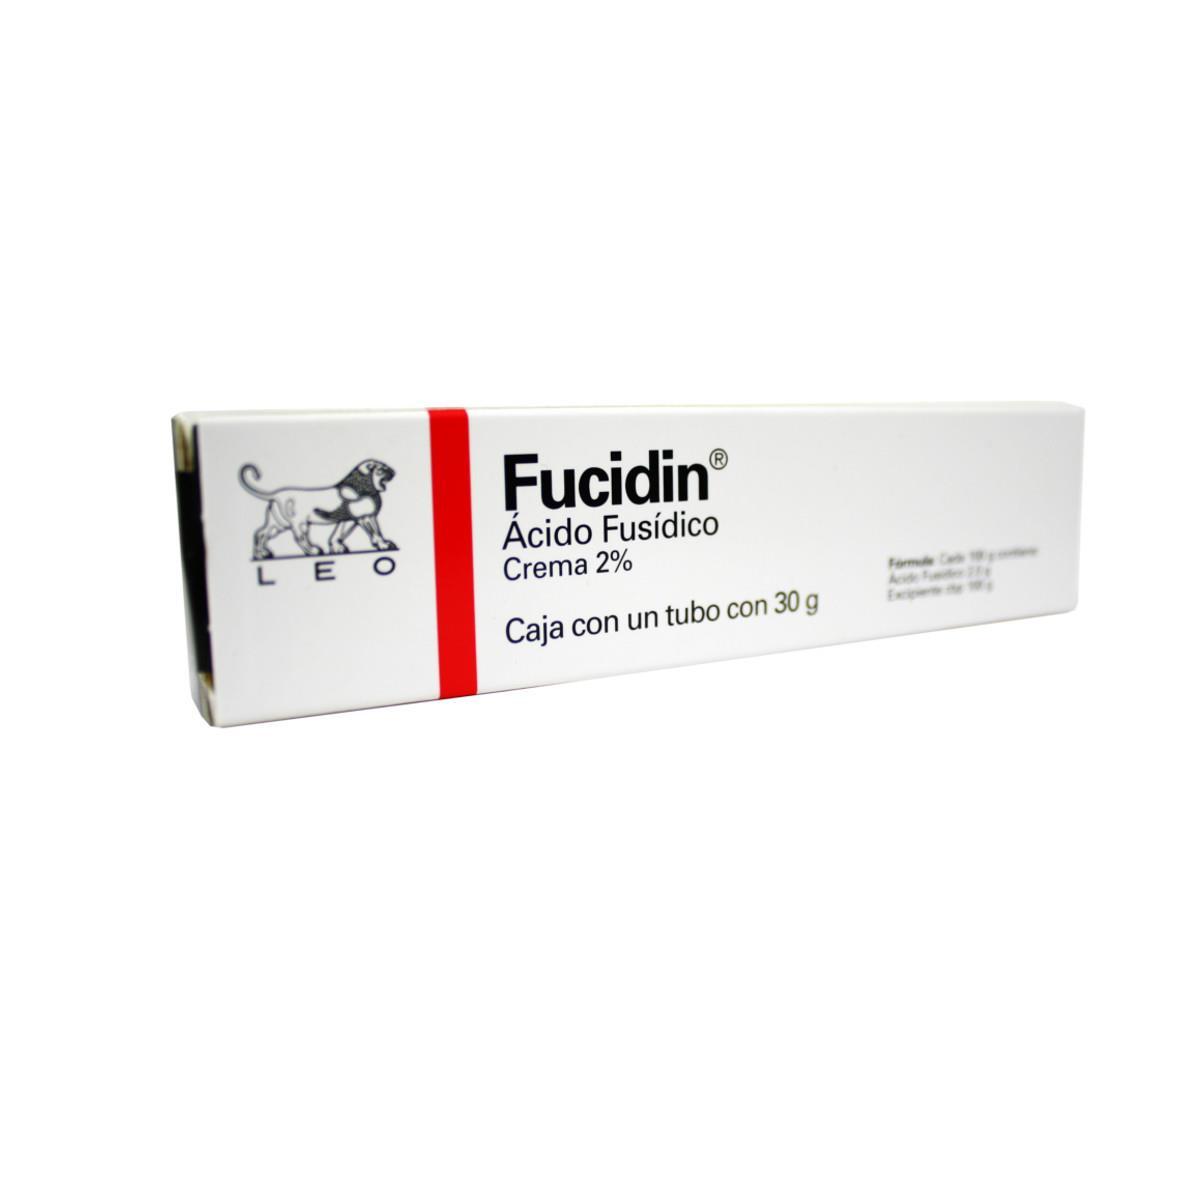 Fucidin Crema 2% 30 G